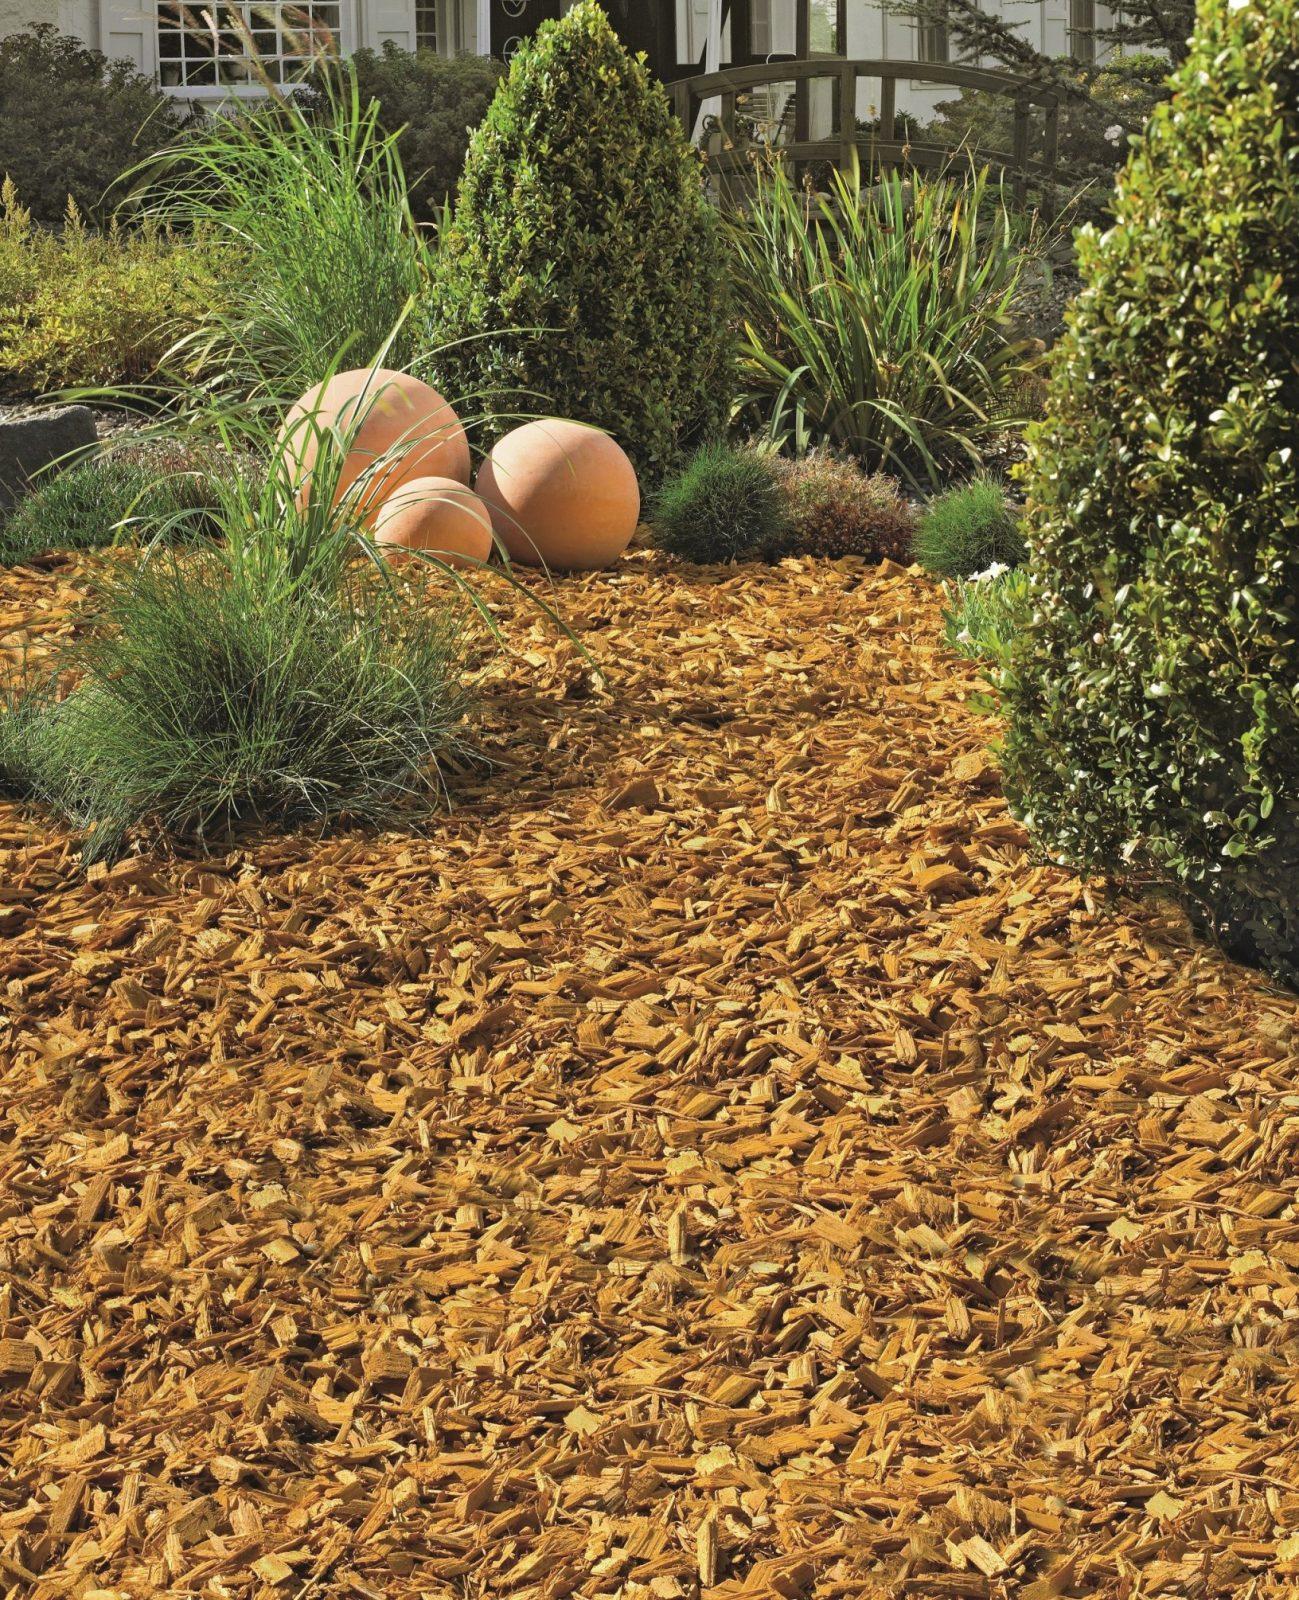 Gartengestaltung Mit Steinen Und Rindenmulch Am Hang Für Planen von Gartengestaltung Mit Steinen Am Hang Bild